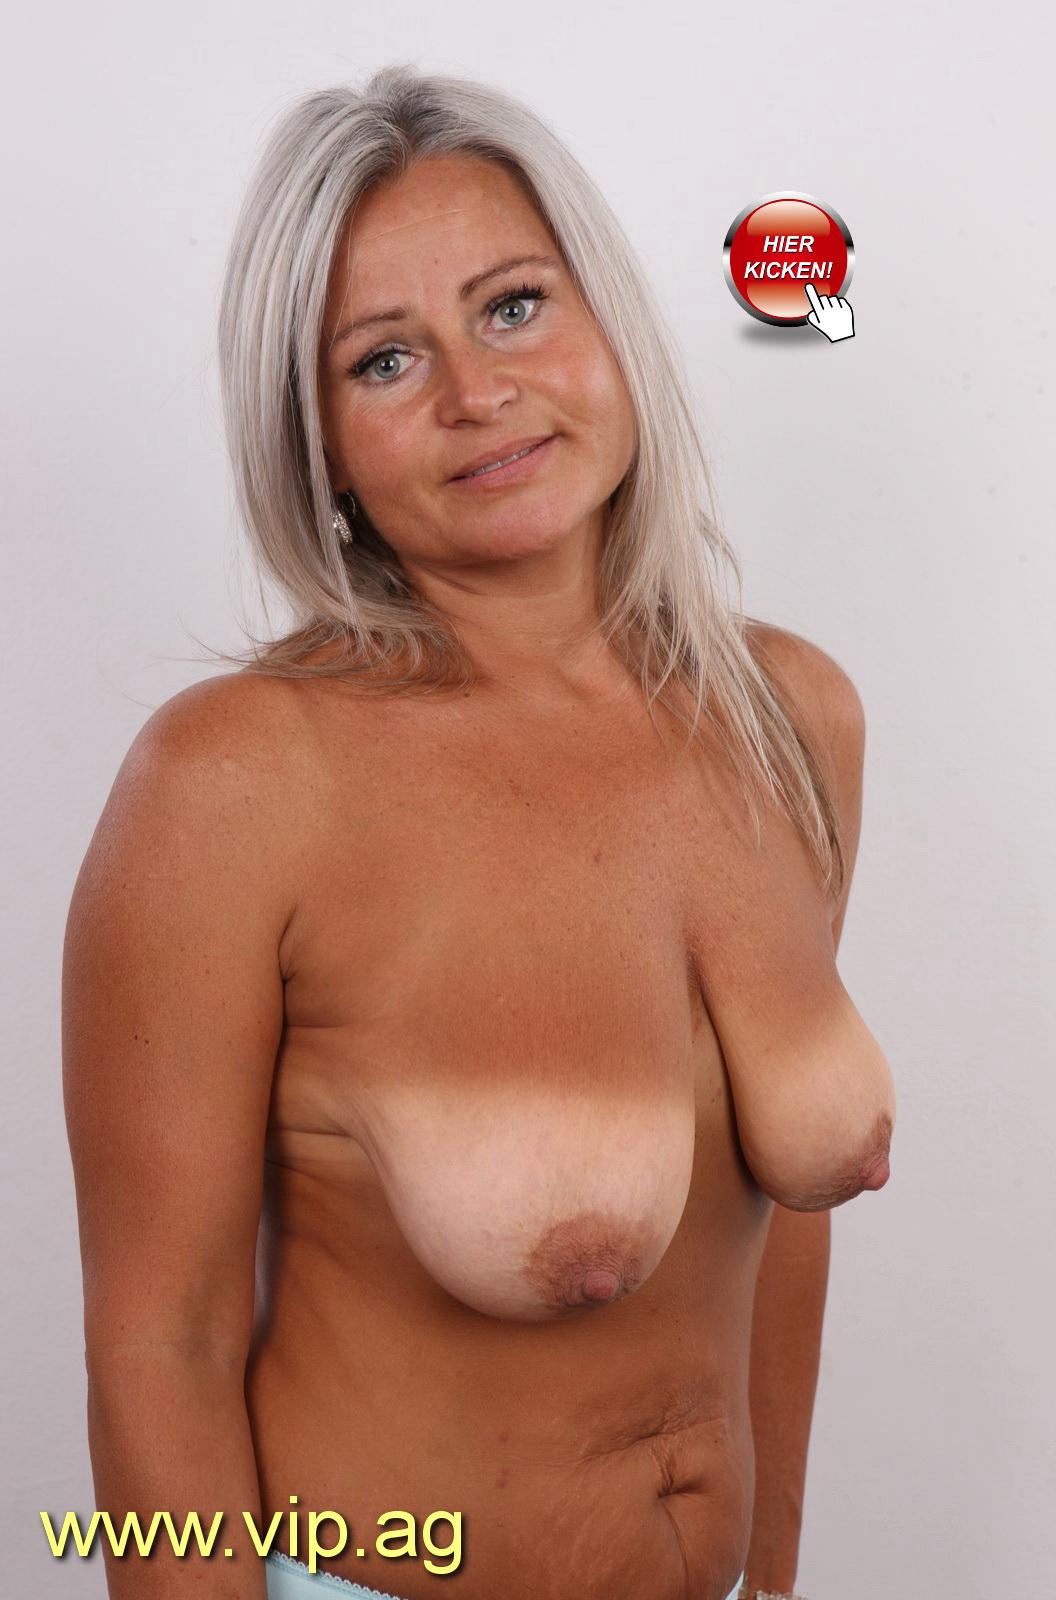 pralle Brüste Uschi